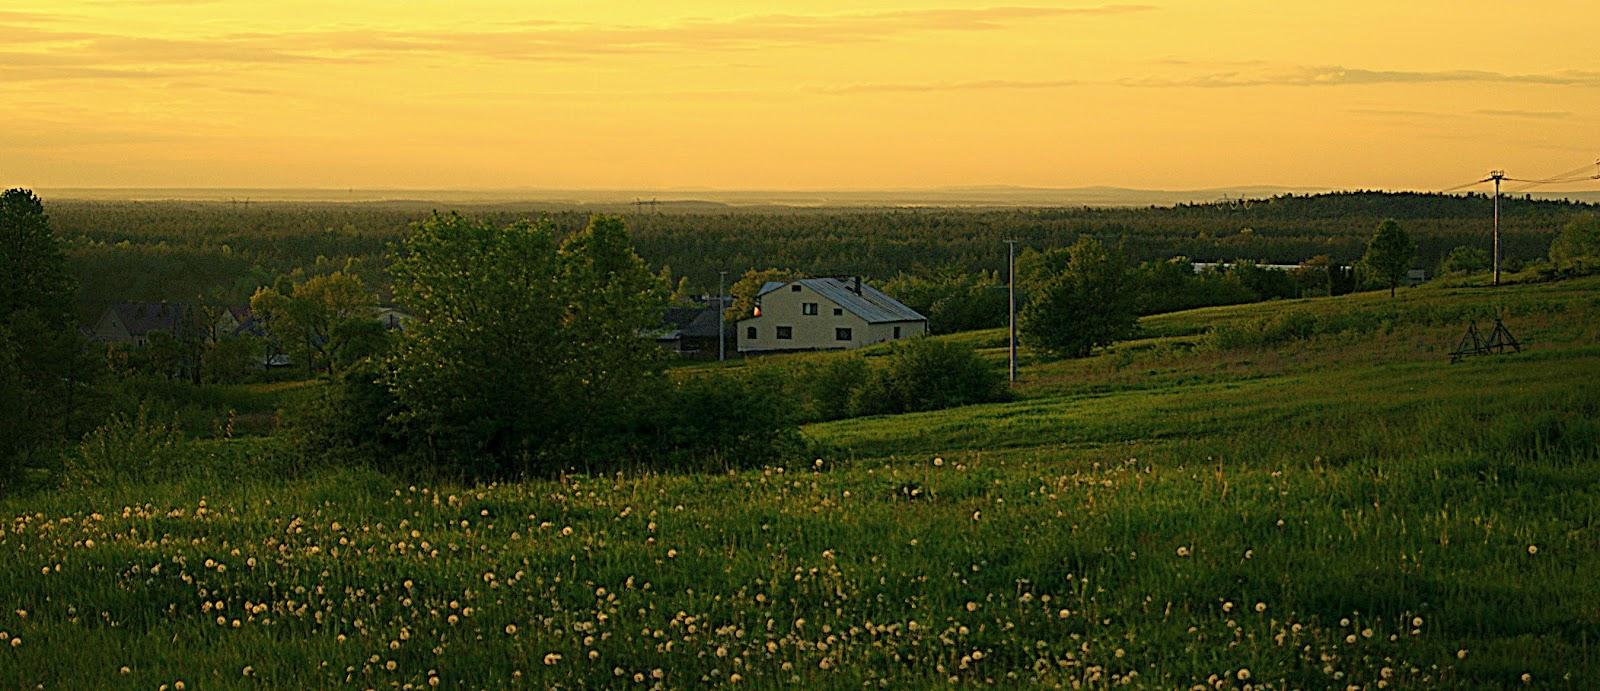 dalekie obserwacje, Góry Świętokrzyskie, powiat kolbuszowski, Przyłęk, Puszcza Sandomierska, Płaskowyż Kolbuszowski, Święty Krzyż,